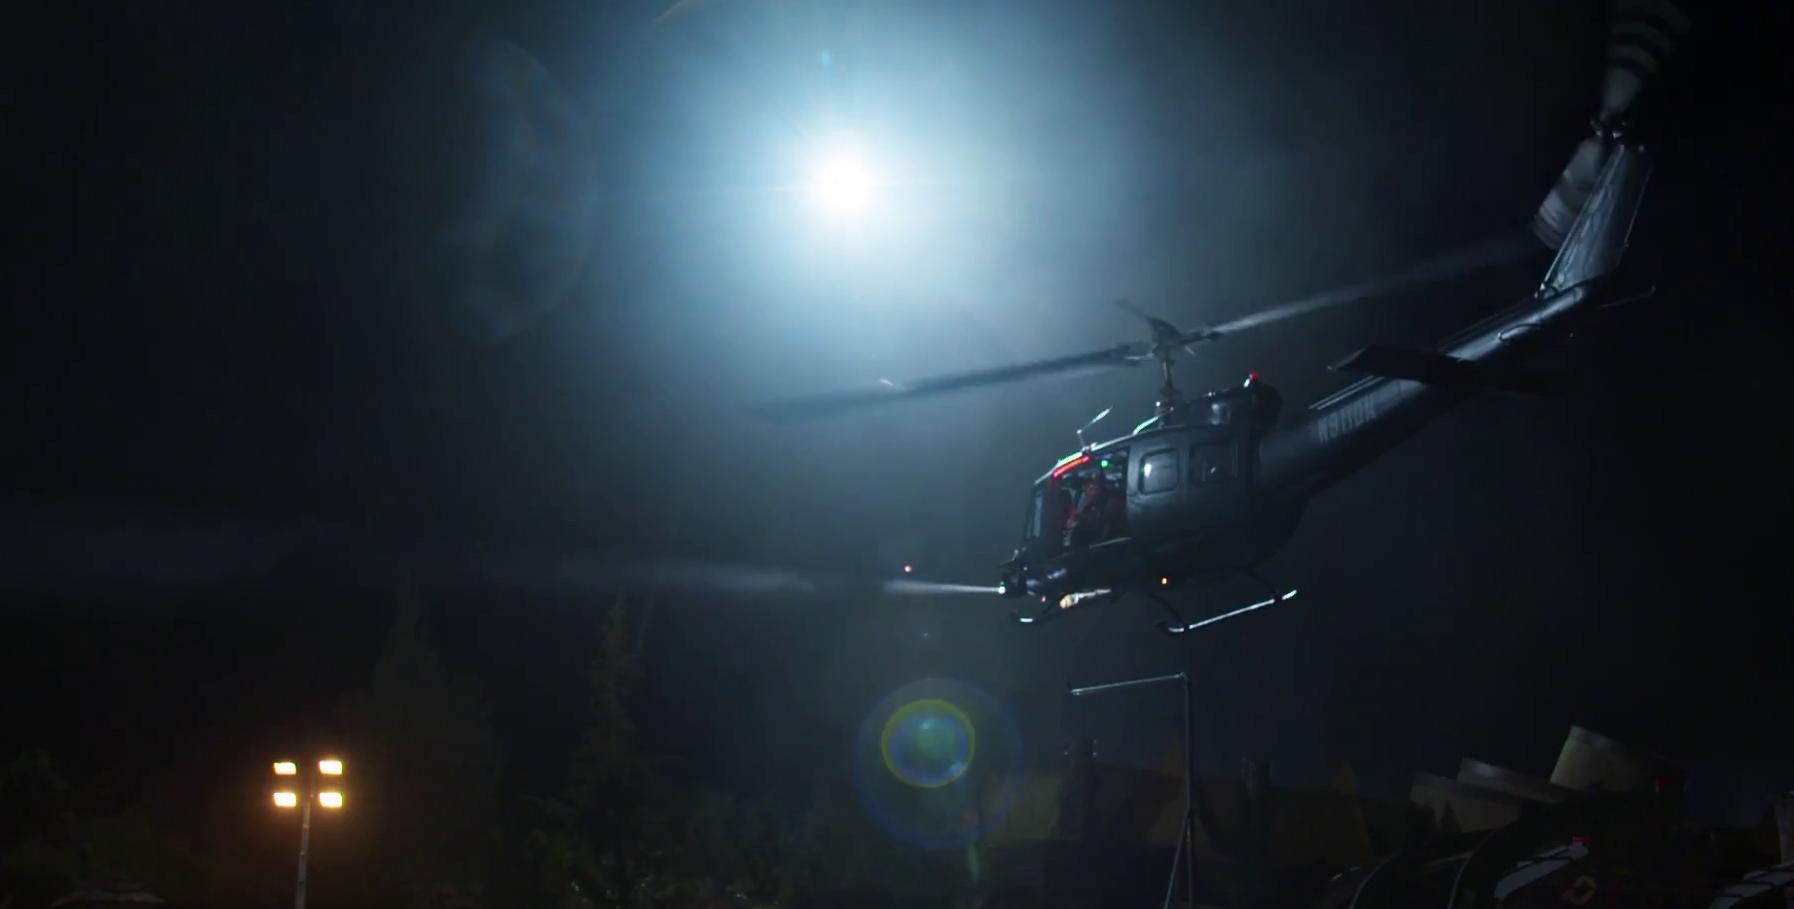 A helikopteres jelenetet, melyet elvileg az esőkabátos alakkal vettek fel, zuhogó esőbe játszódik, ilyen jelenetet nem láthattunk a negyedik filmben